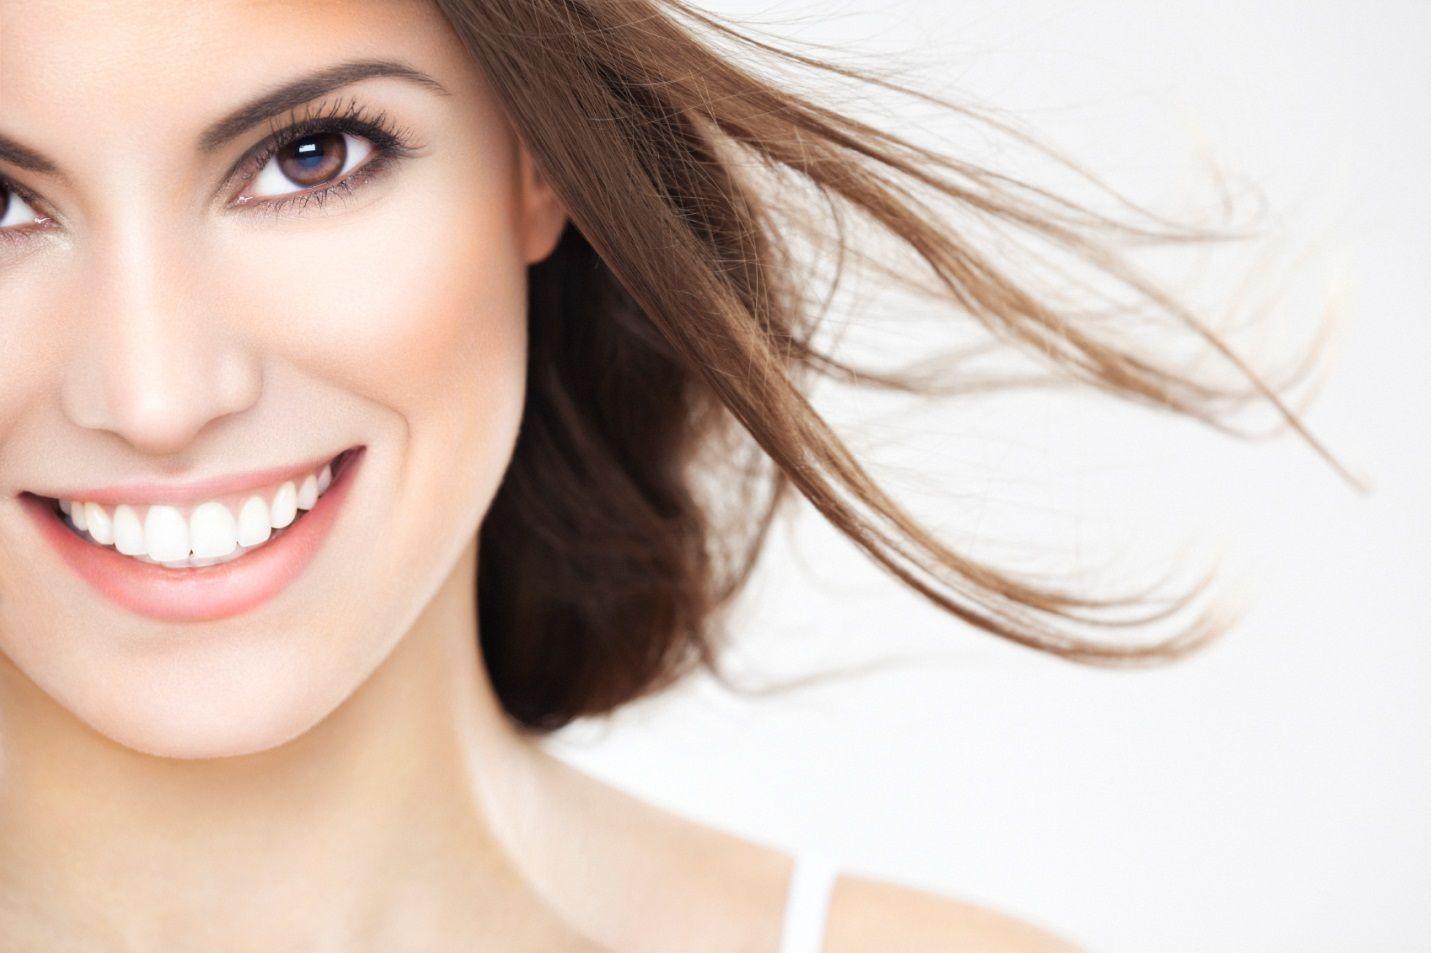 Sử dụng kem đánh răng Crest 3D White để có hàm răng chắc khỏe, tự tin với nụ cười  trắng sáng